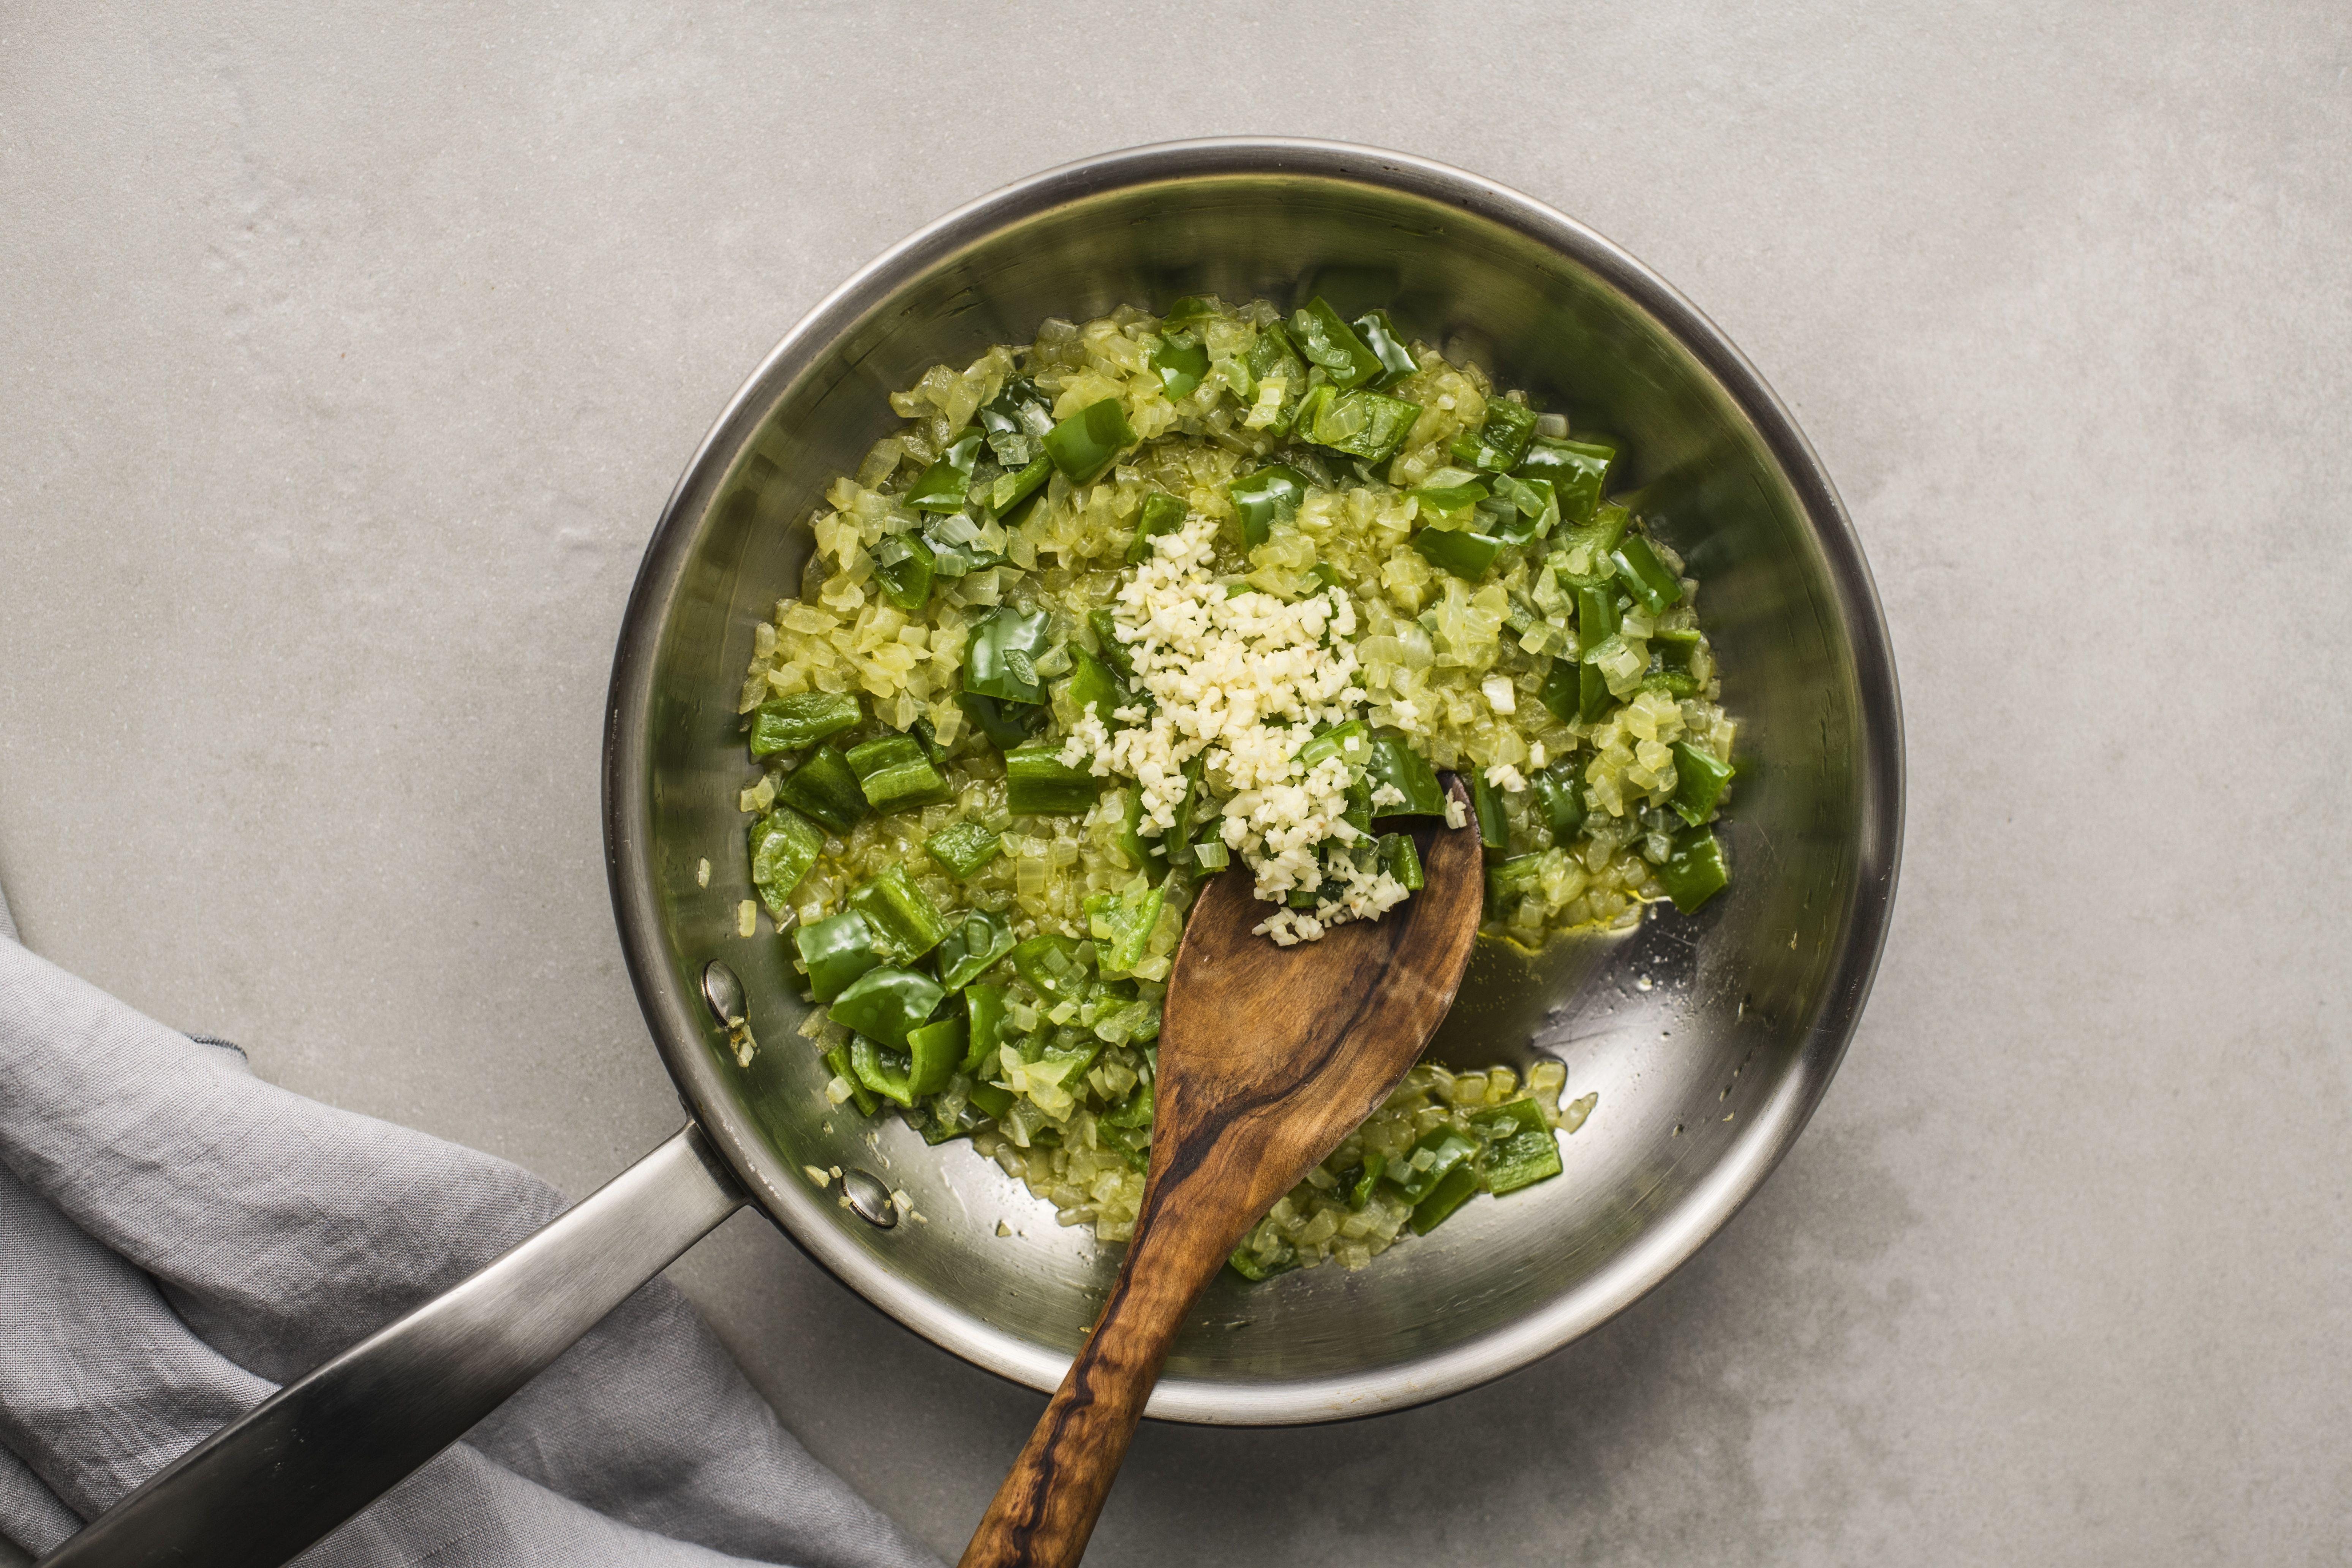 Add in garlic